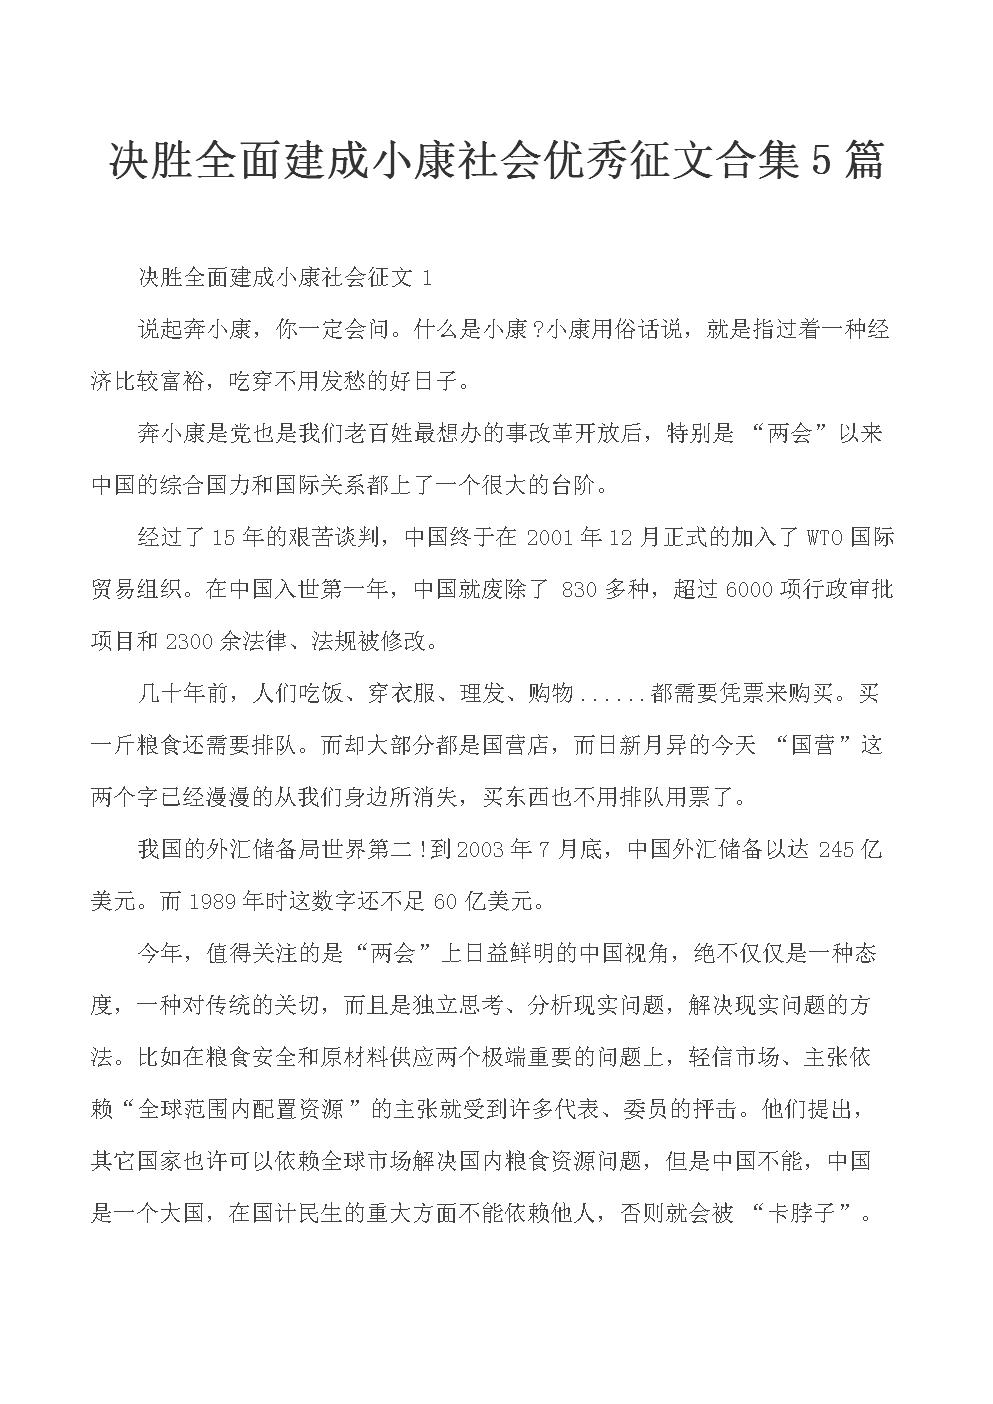 决胜全面建成小康社会优秀征文合集5篇.docx